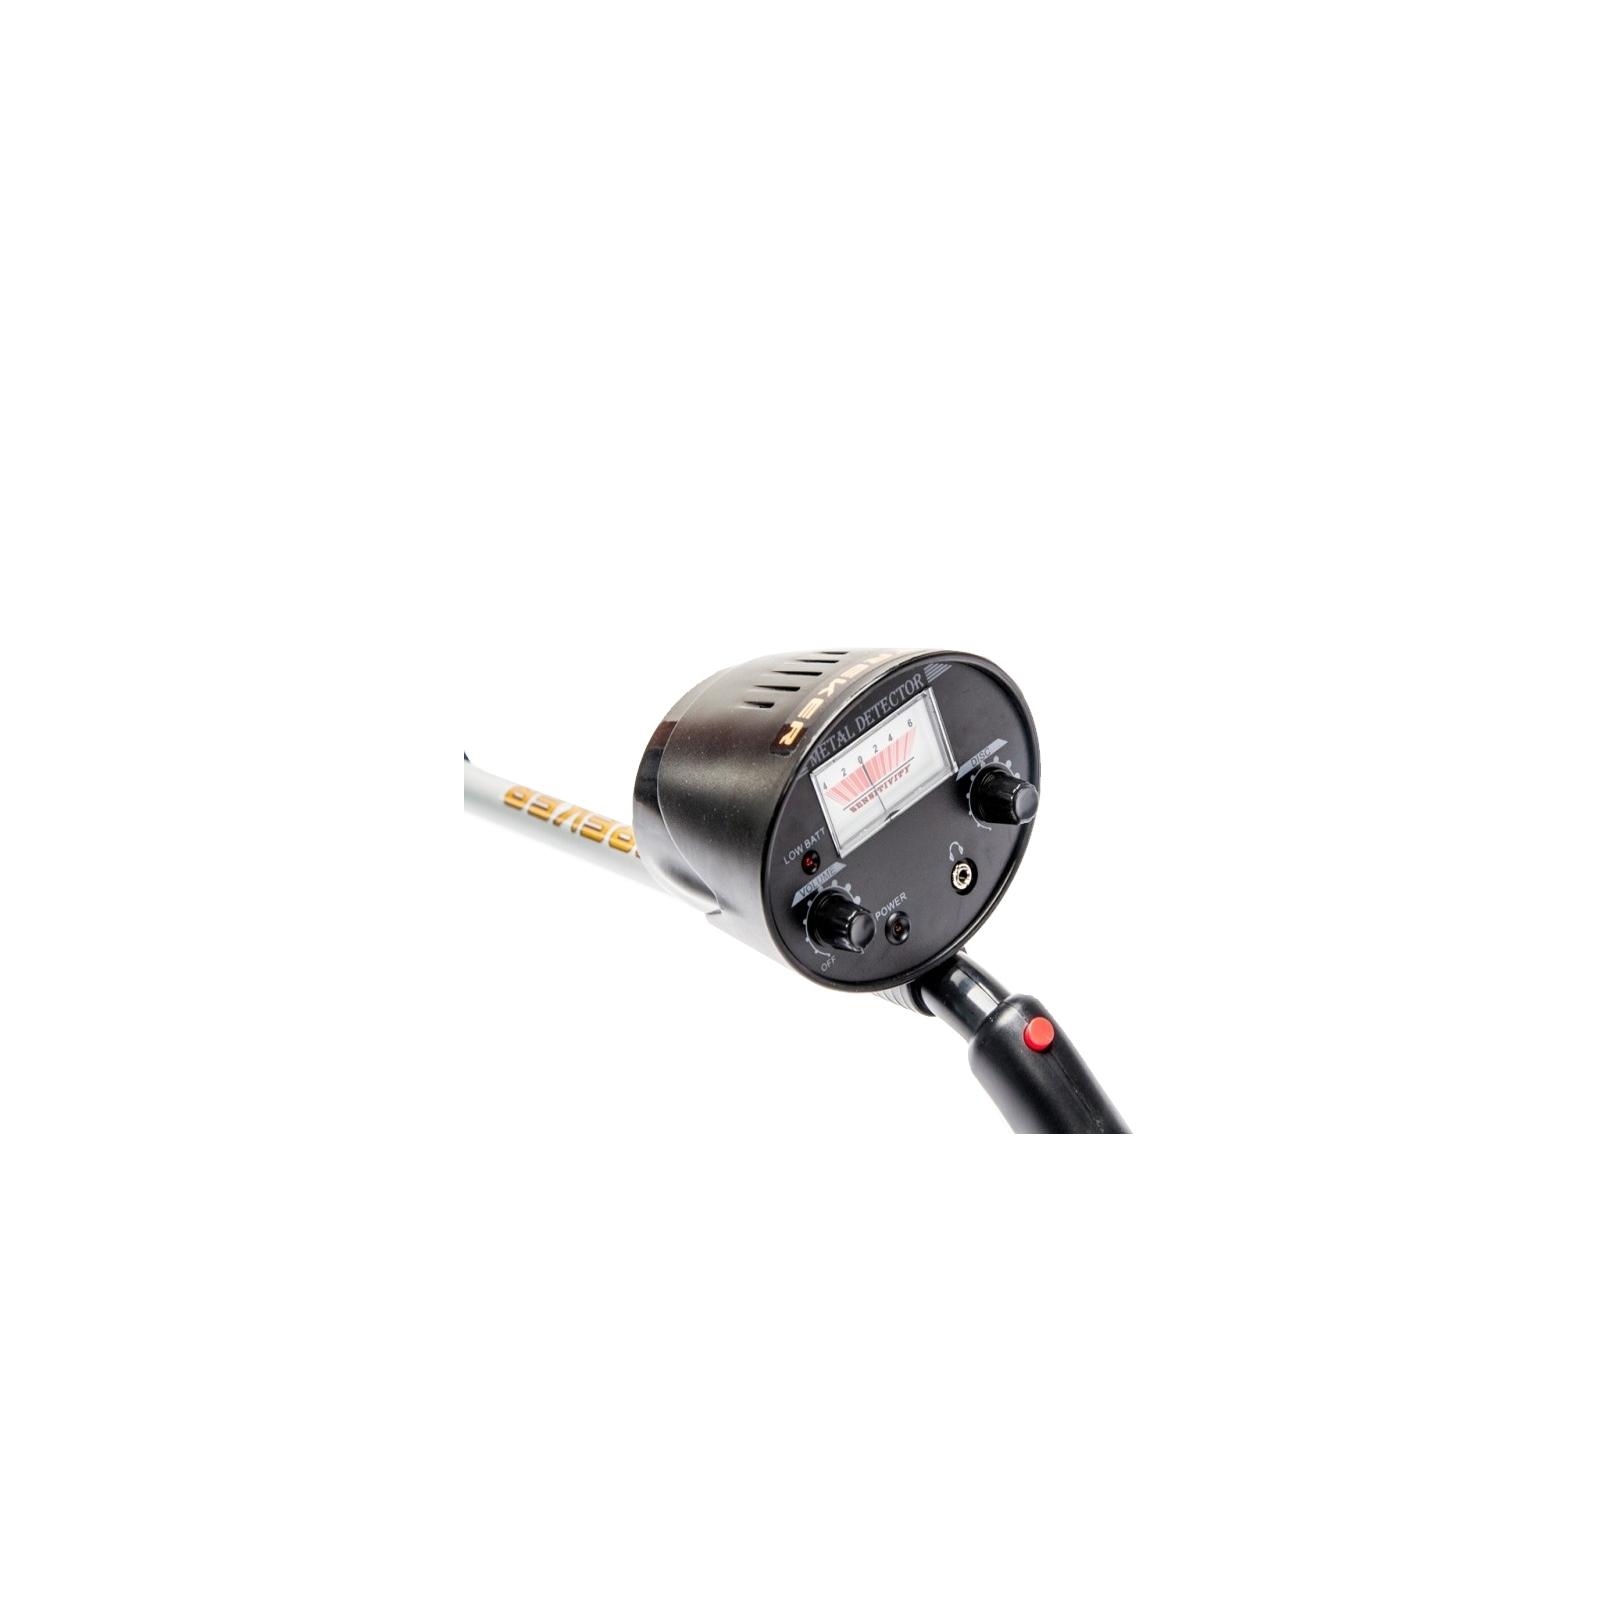 Металлоискатель Treker GC-1066 изображение 3